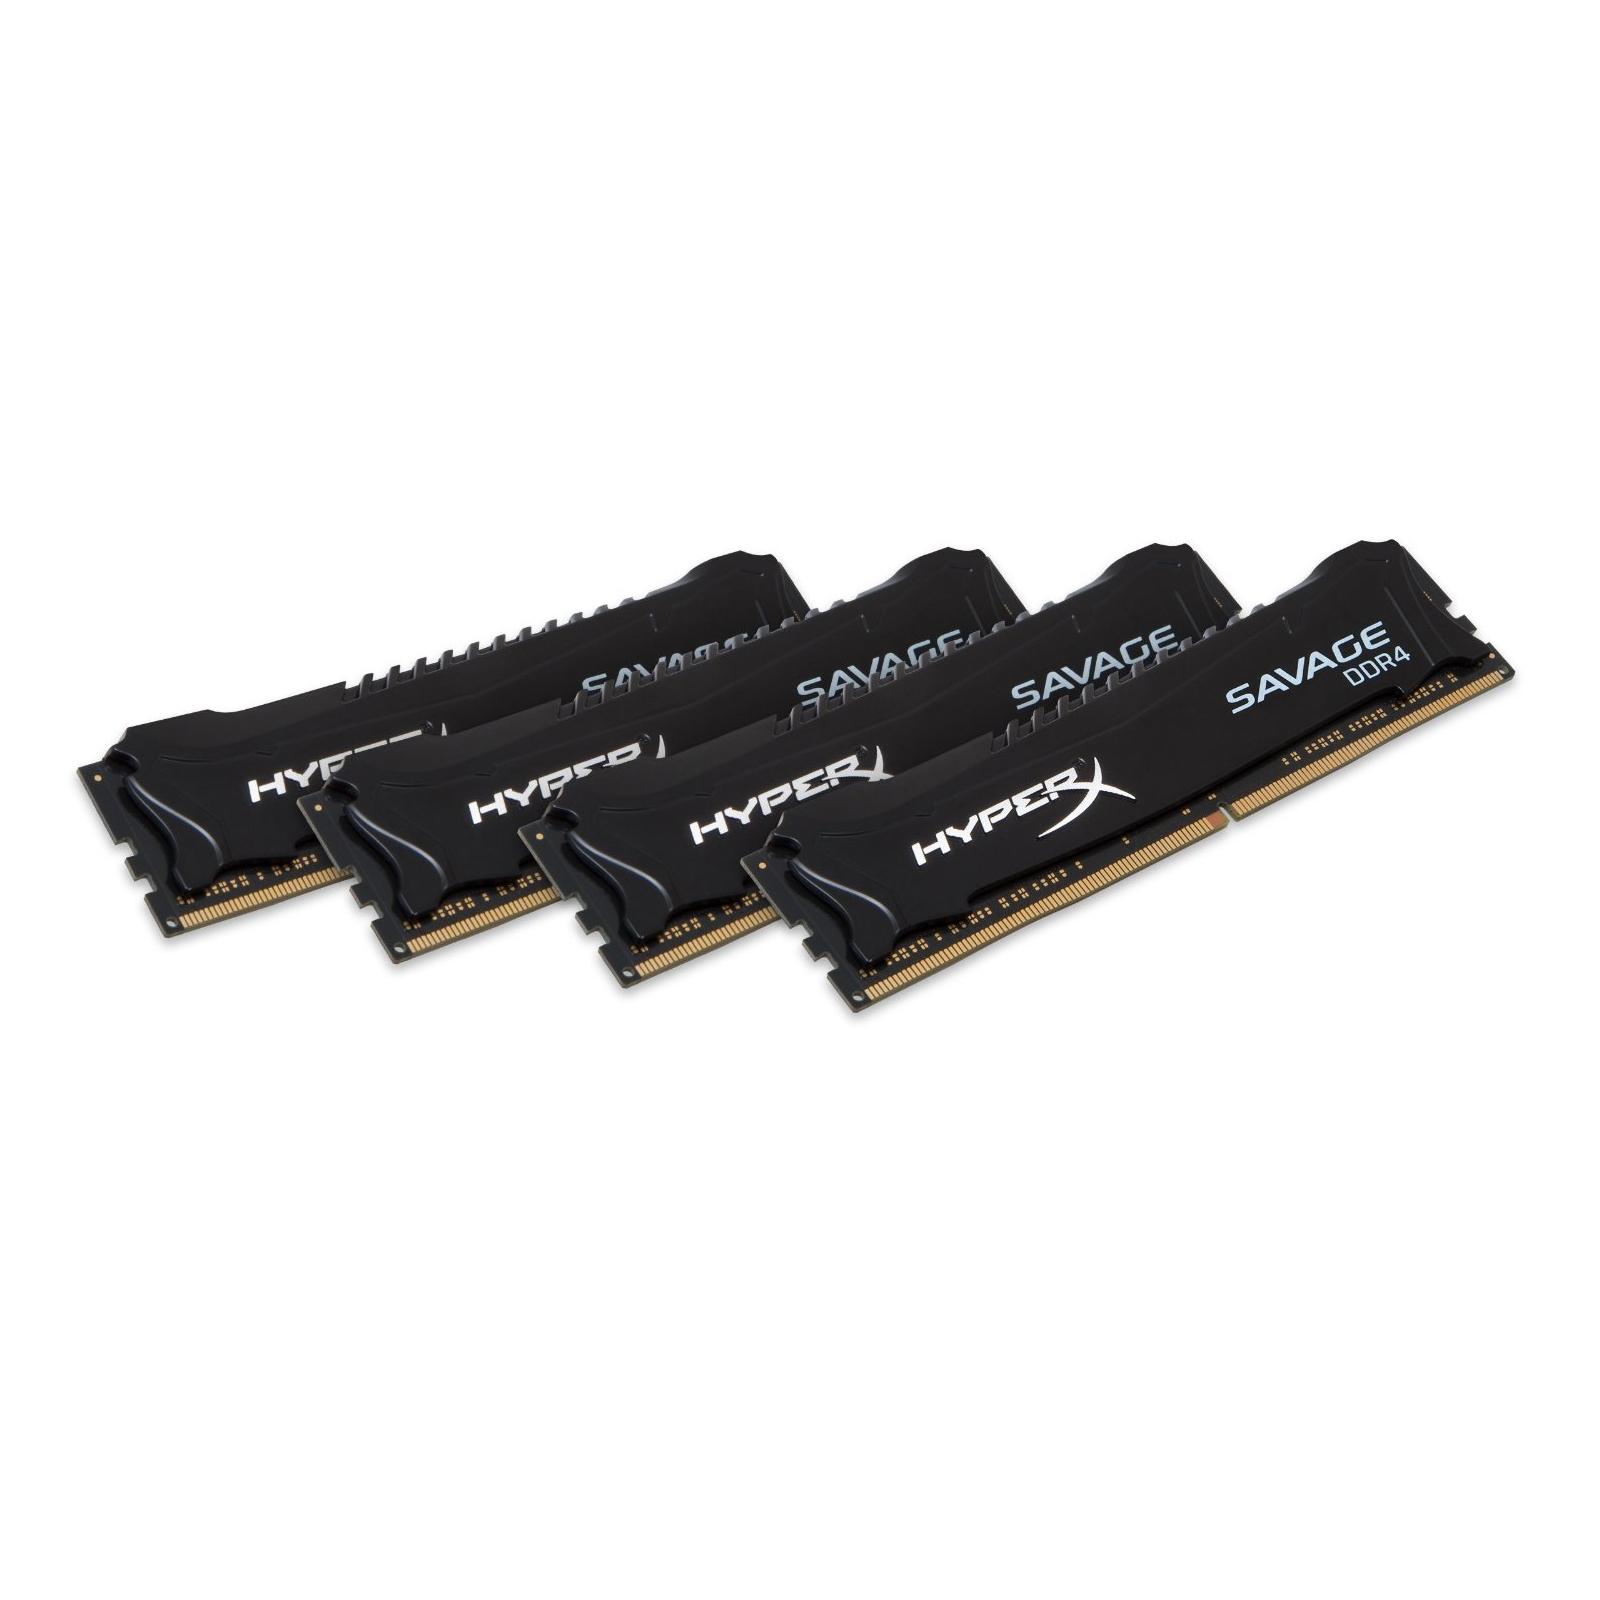 Модуль памяти для компьютера DDR4 32GB (4x8GB) 2800 MHz HyperX Savage Black Kingston (HX428C14SB2K4/32) изображение 2